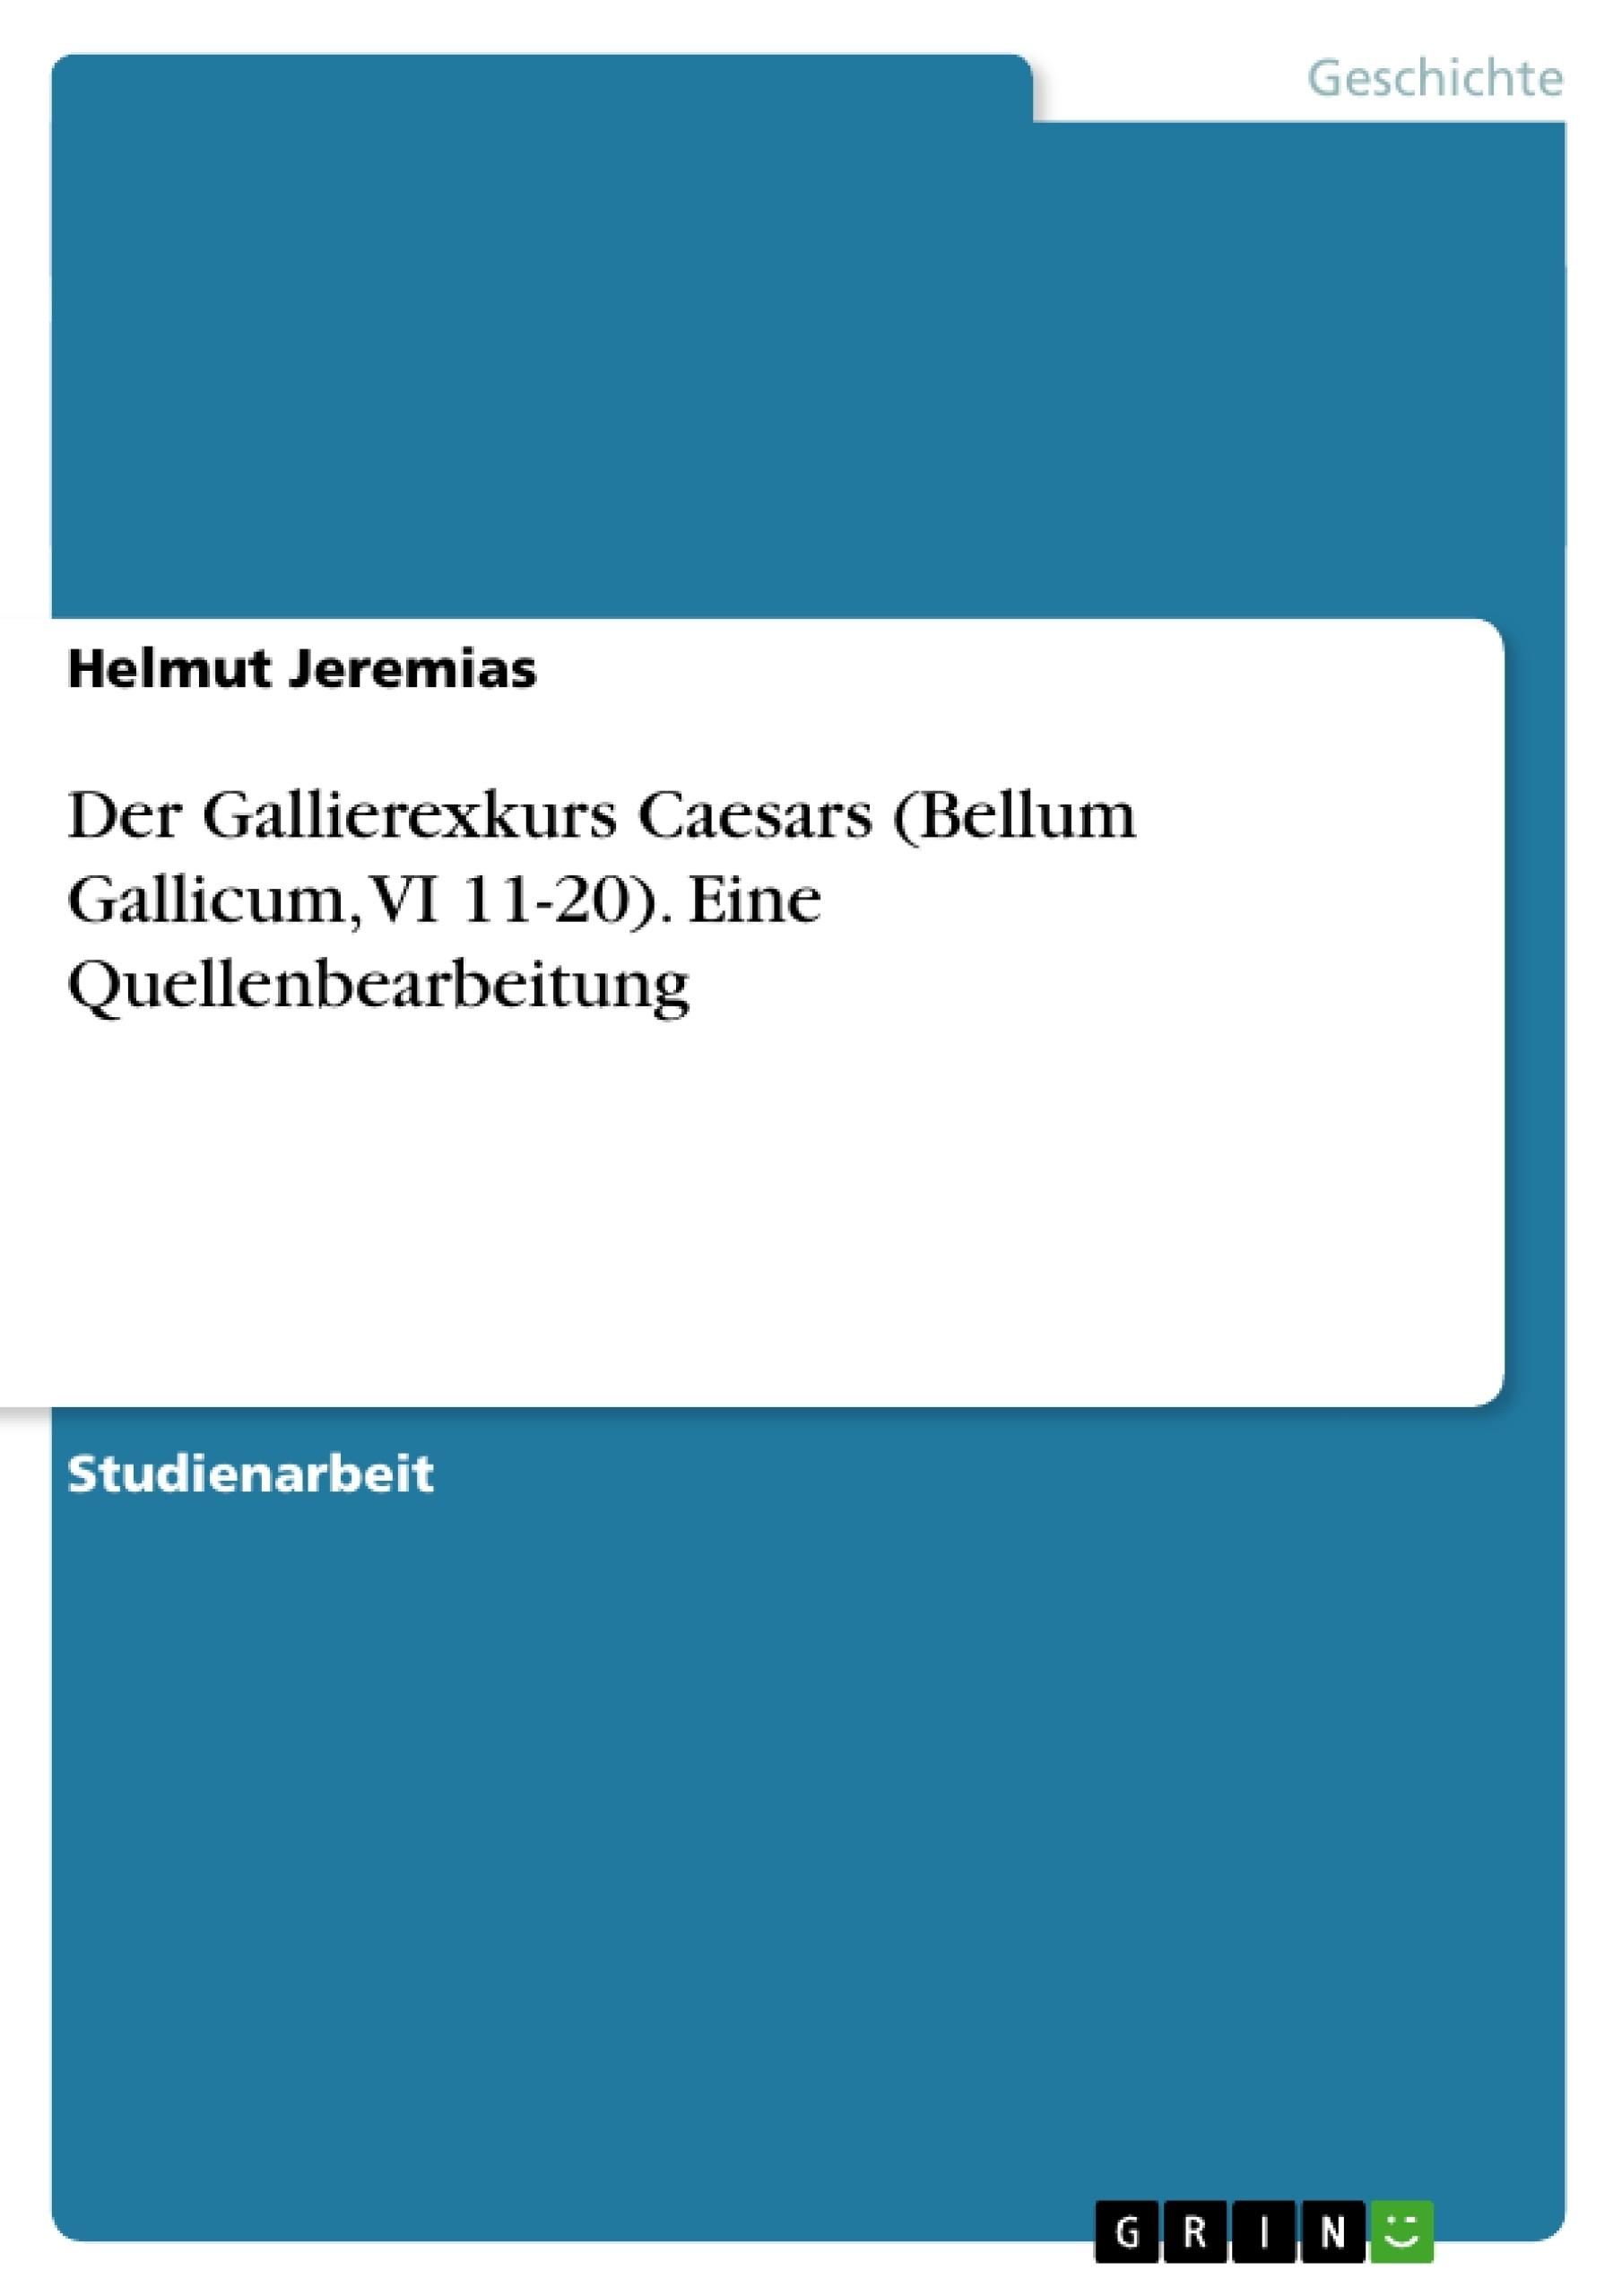 Titel: Der Gallierexkurs Caesars (Bellum Gallicum, VI 11-20). Eine Quellenbearbeitung